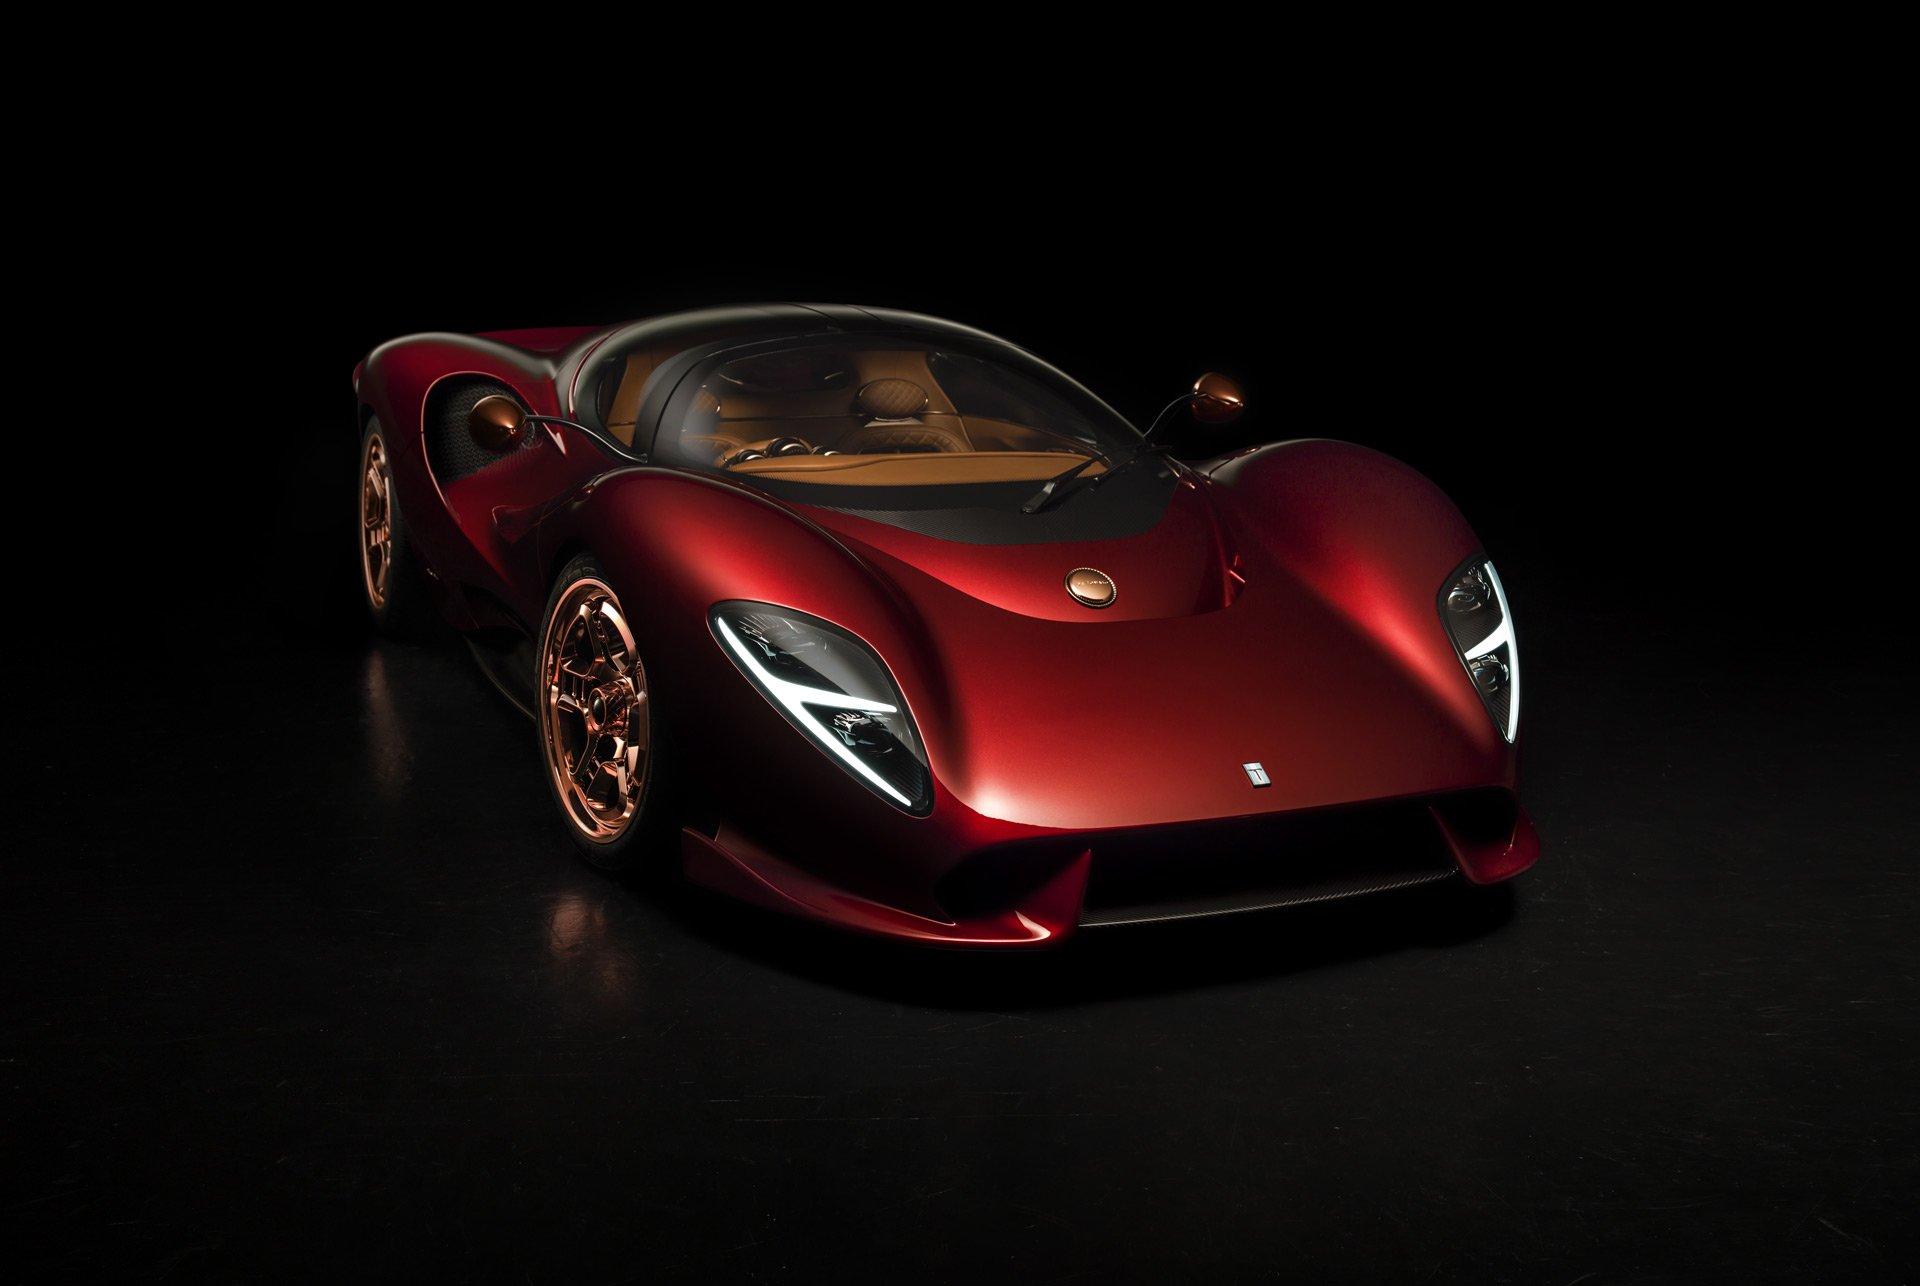 НаФестивале скорости дебютировал суперкар возрожденной марки DeTomaso